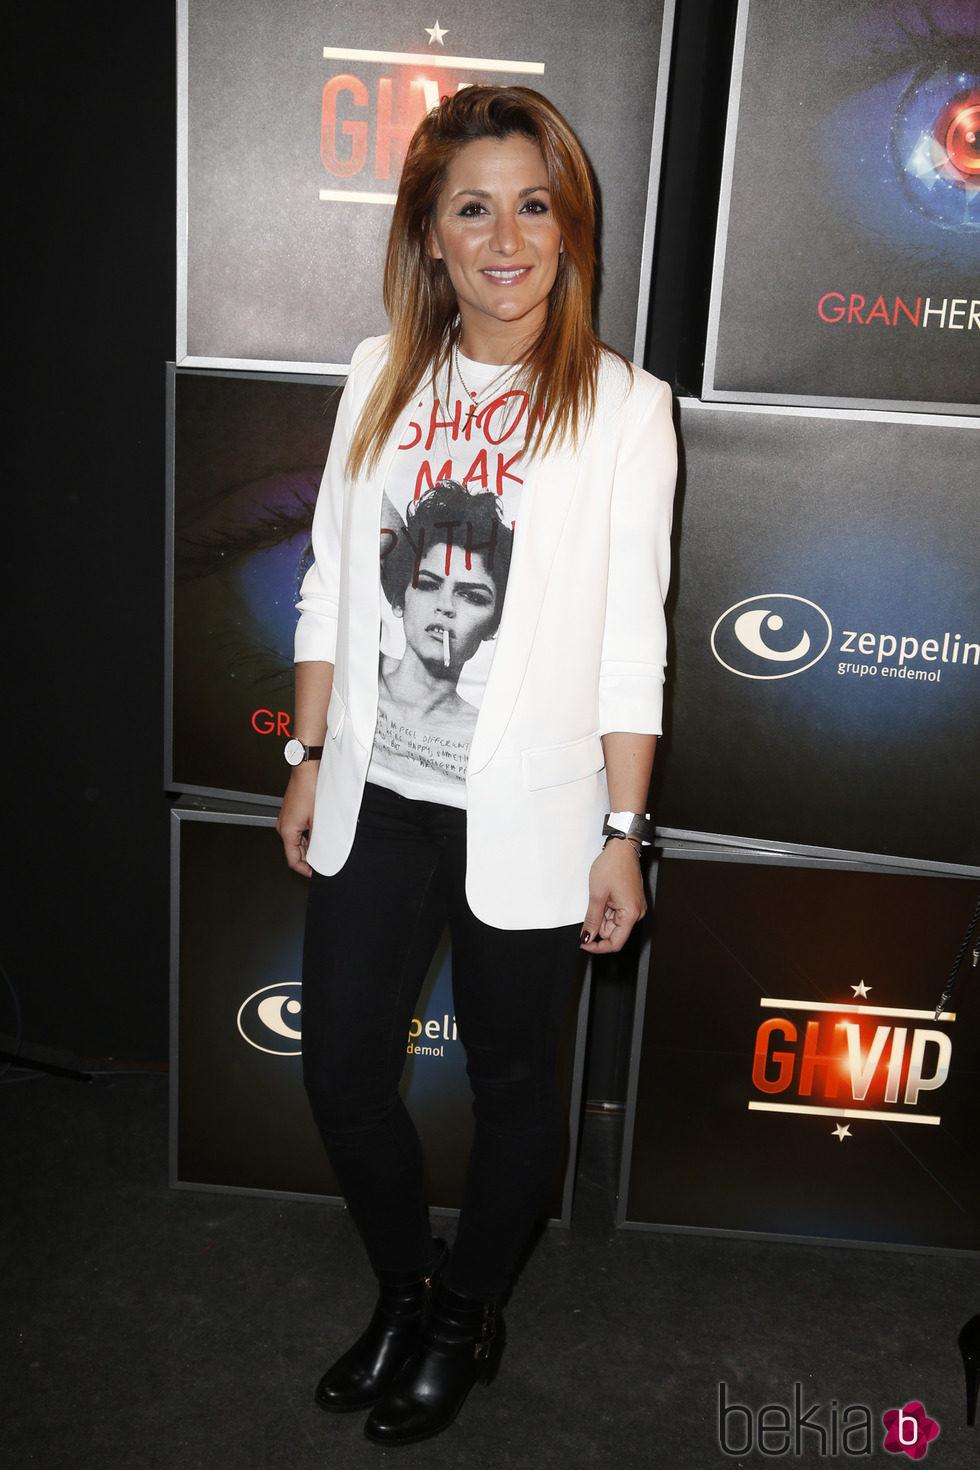 Nagore en la fiesta de 'Gran Hermano VIP' en Madrid